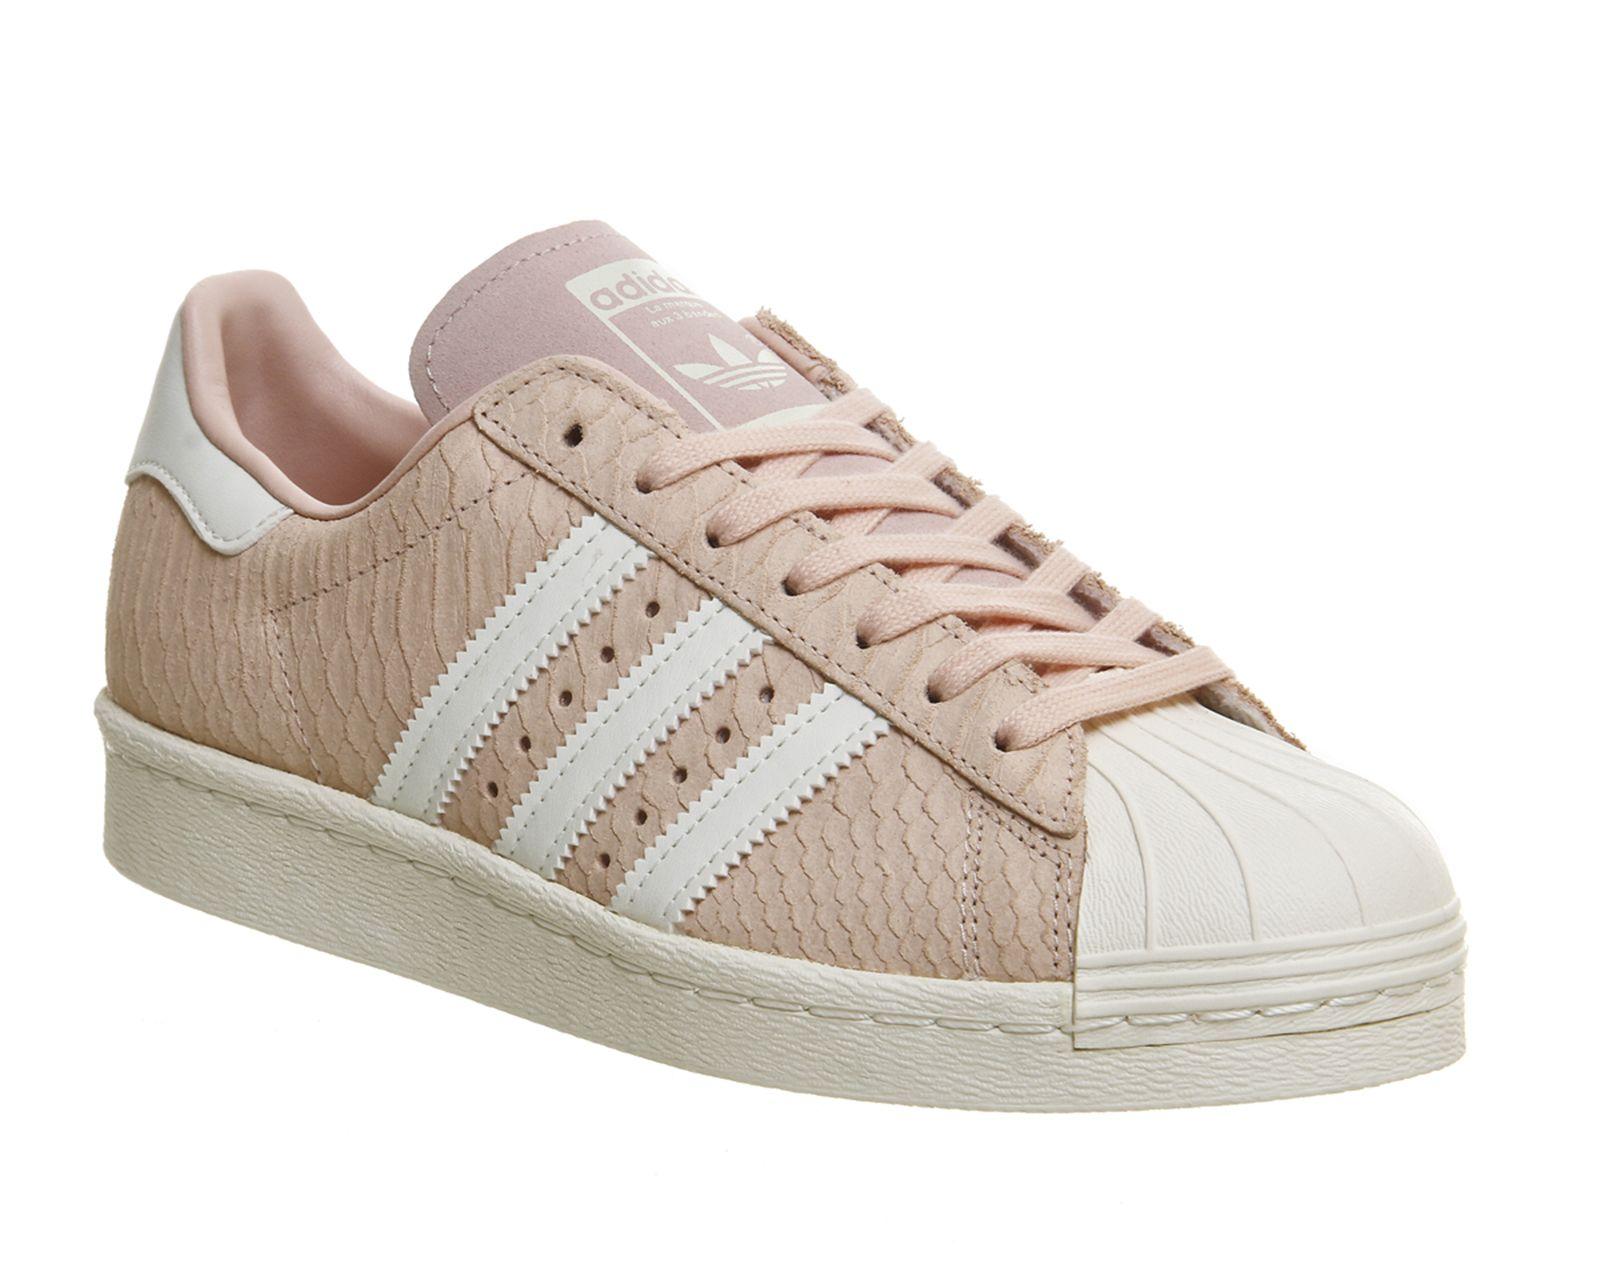 Adidas, Superstar 80s, Blush Pink Off White